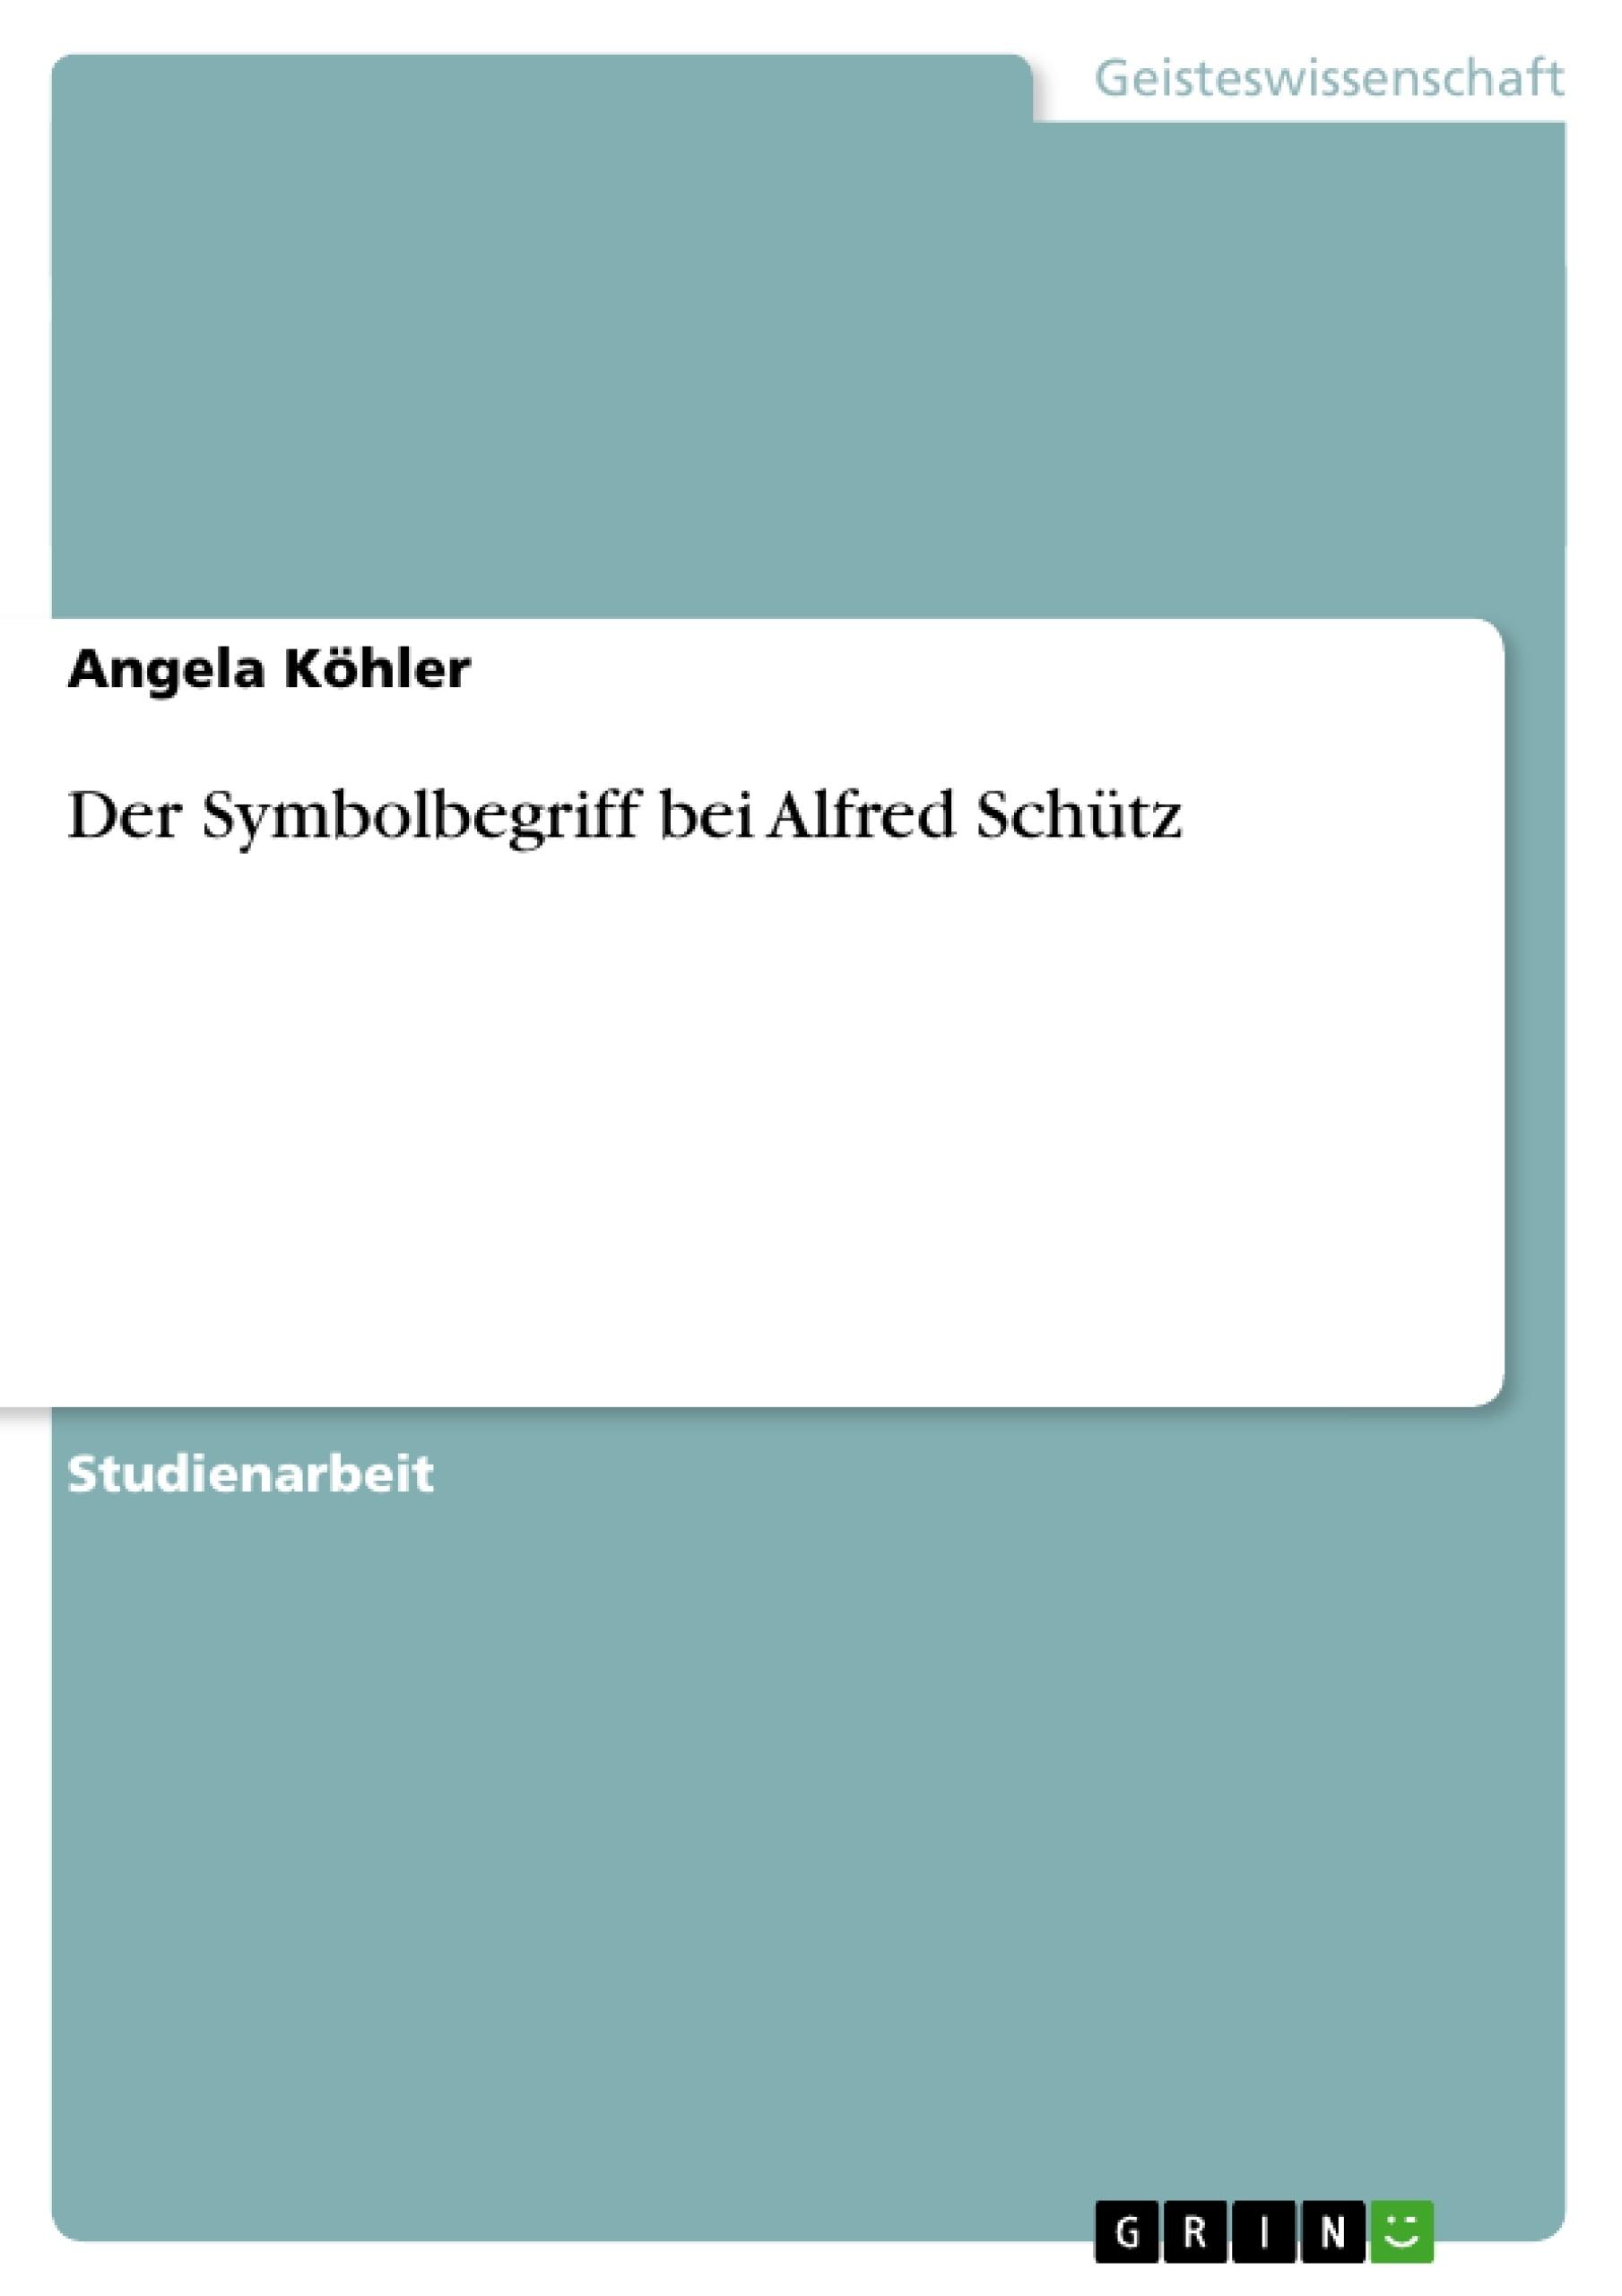 Titel: Der Symbolbegriff bei Alfred Schütz